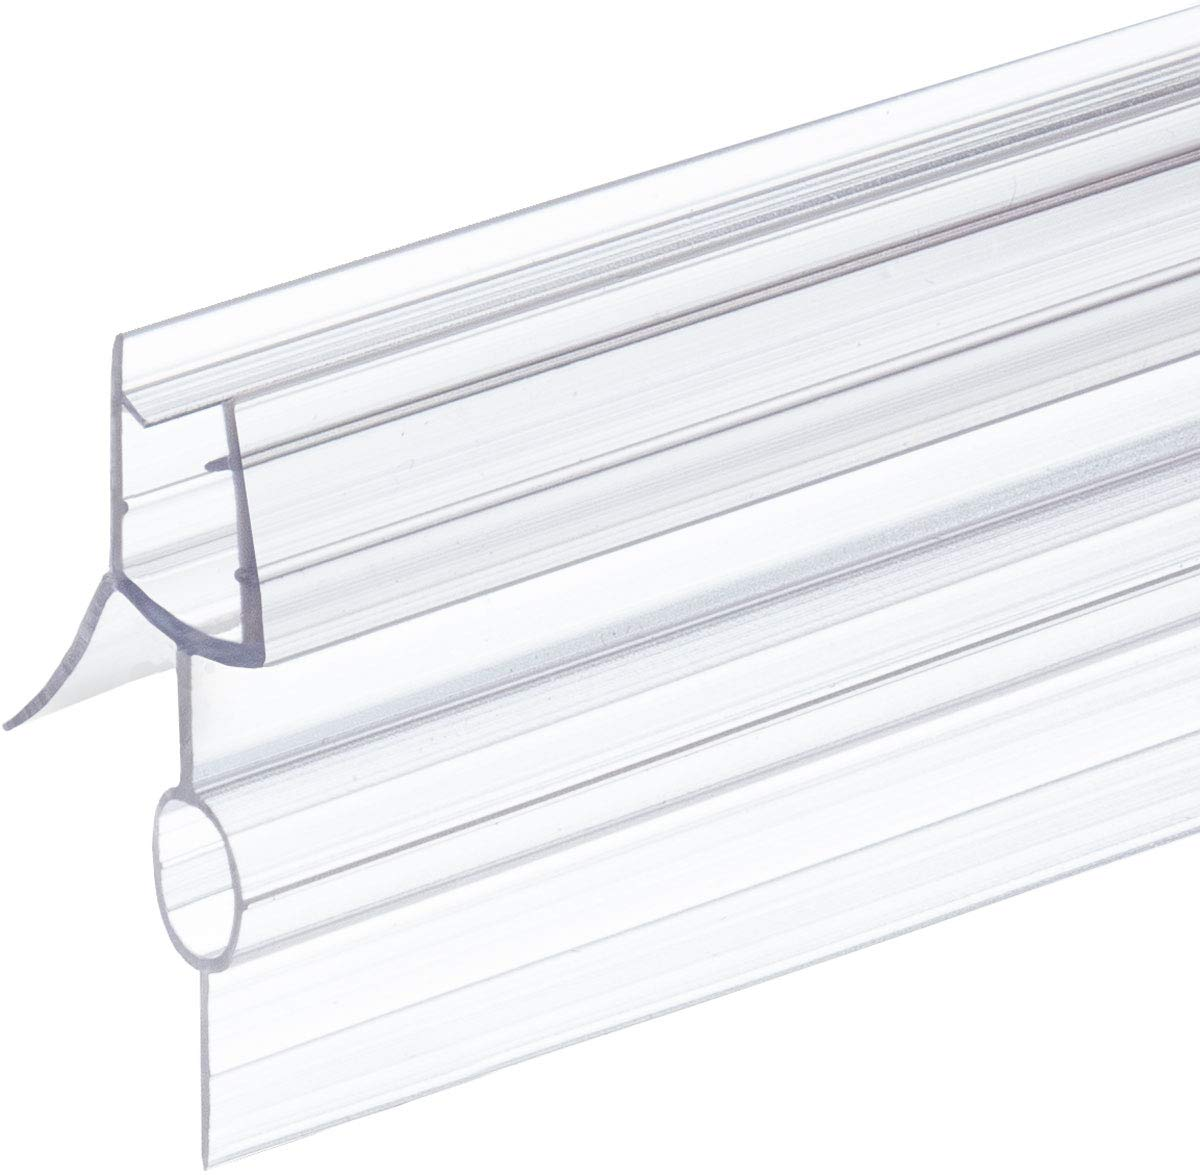 Junta de repuesto para ducha Steigner 53718172 para cristales de 5-6 mm de grosor